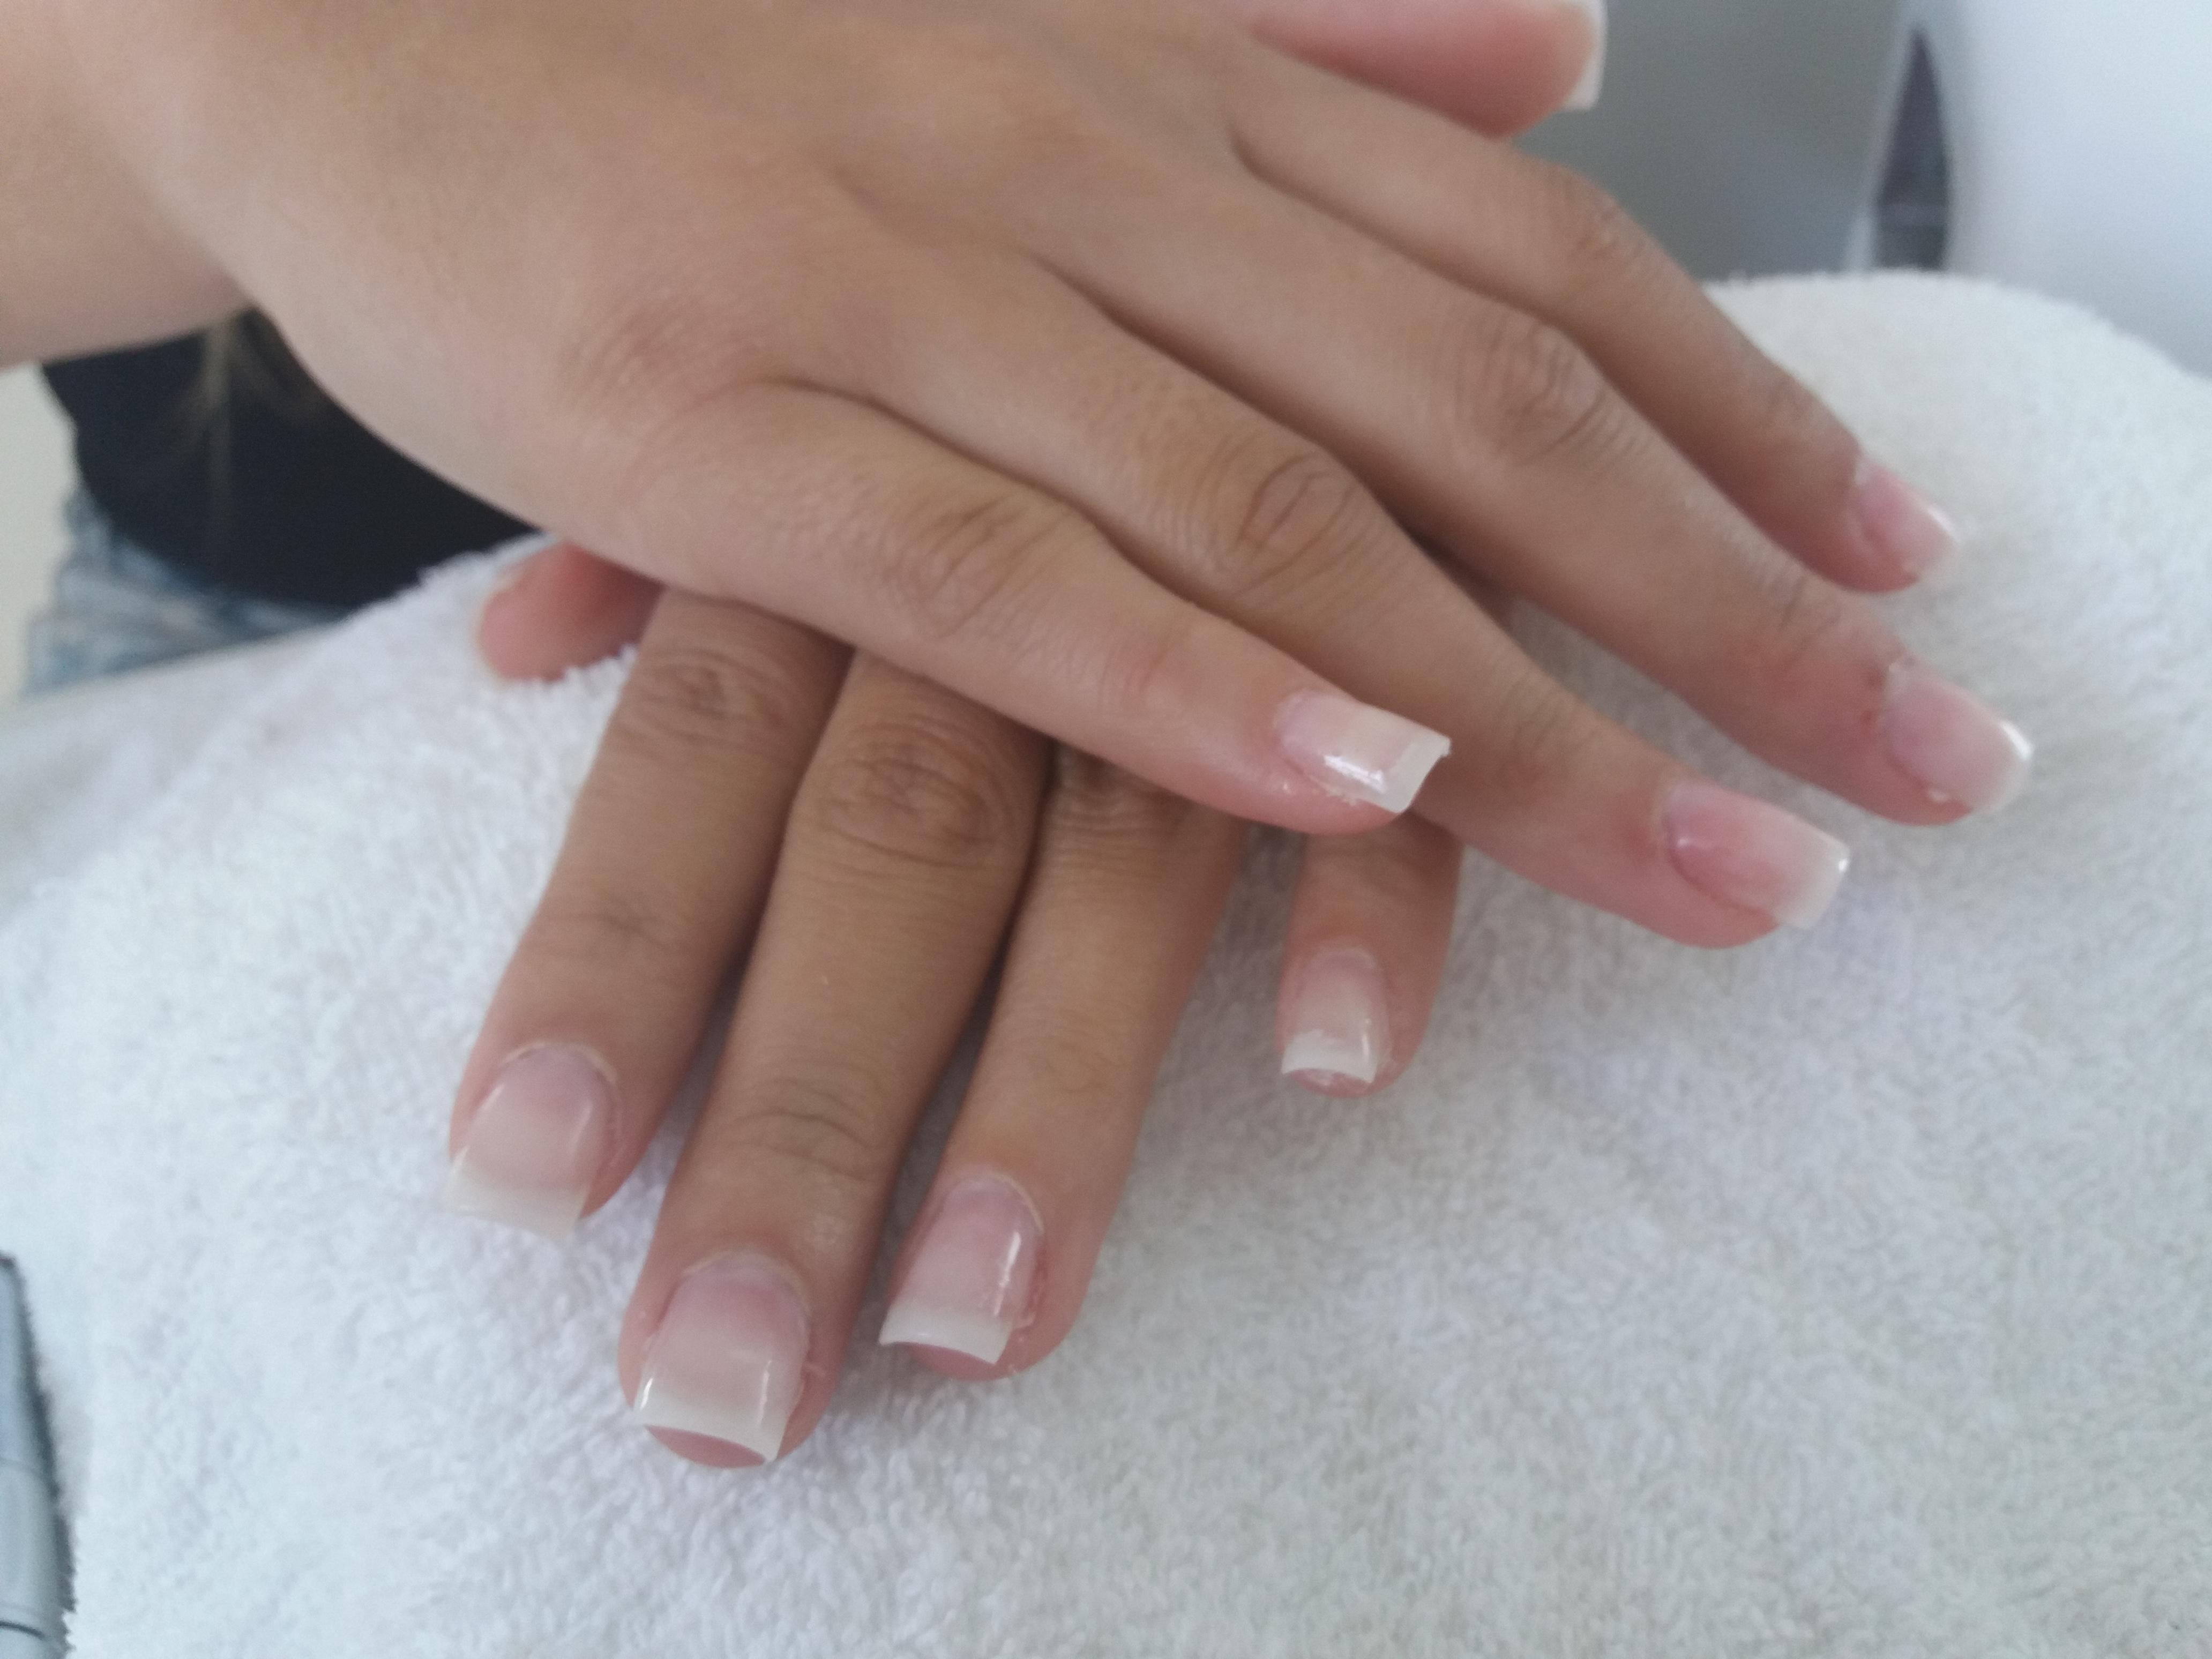 Unhas de acrigel  unha manicure e pedicure recepcionista auxiliar cabeleireiro(a)